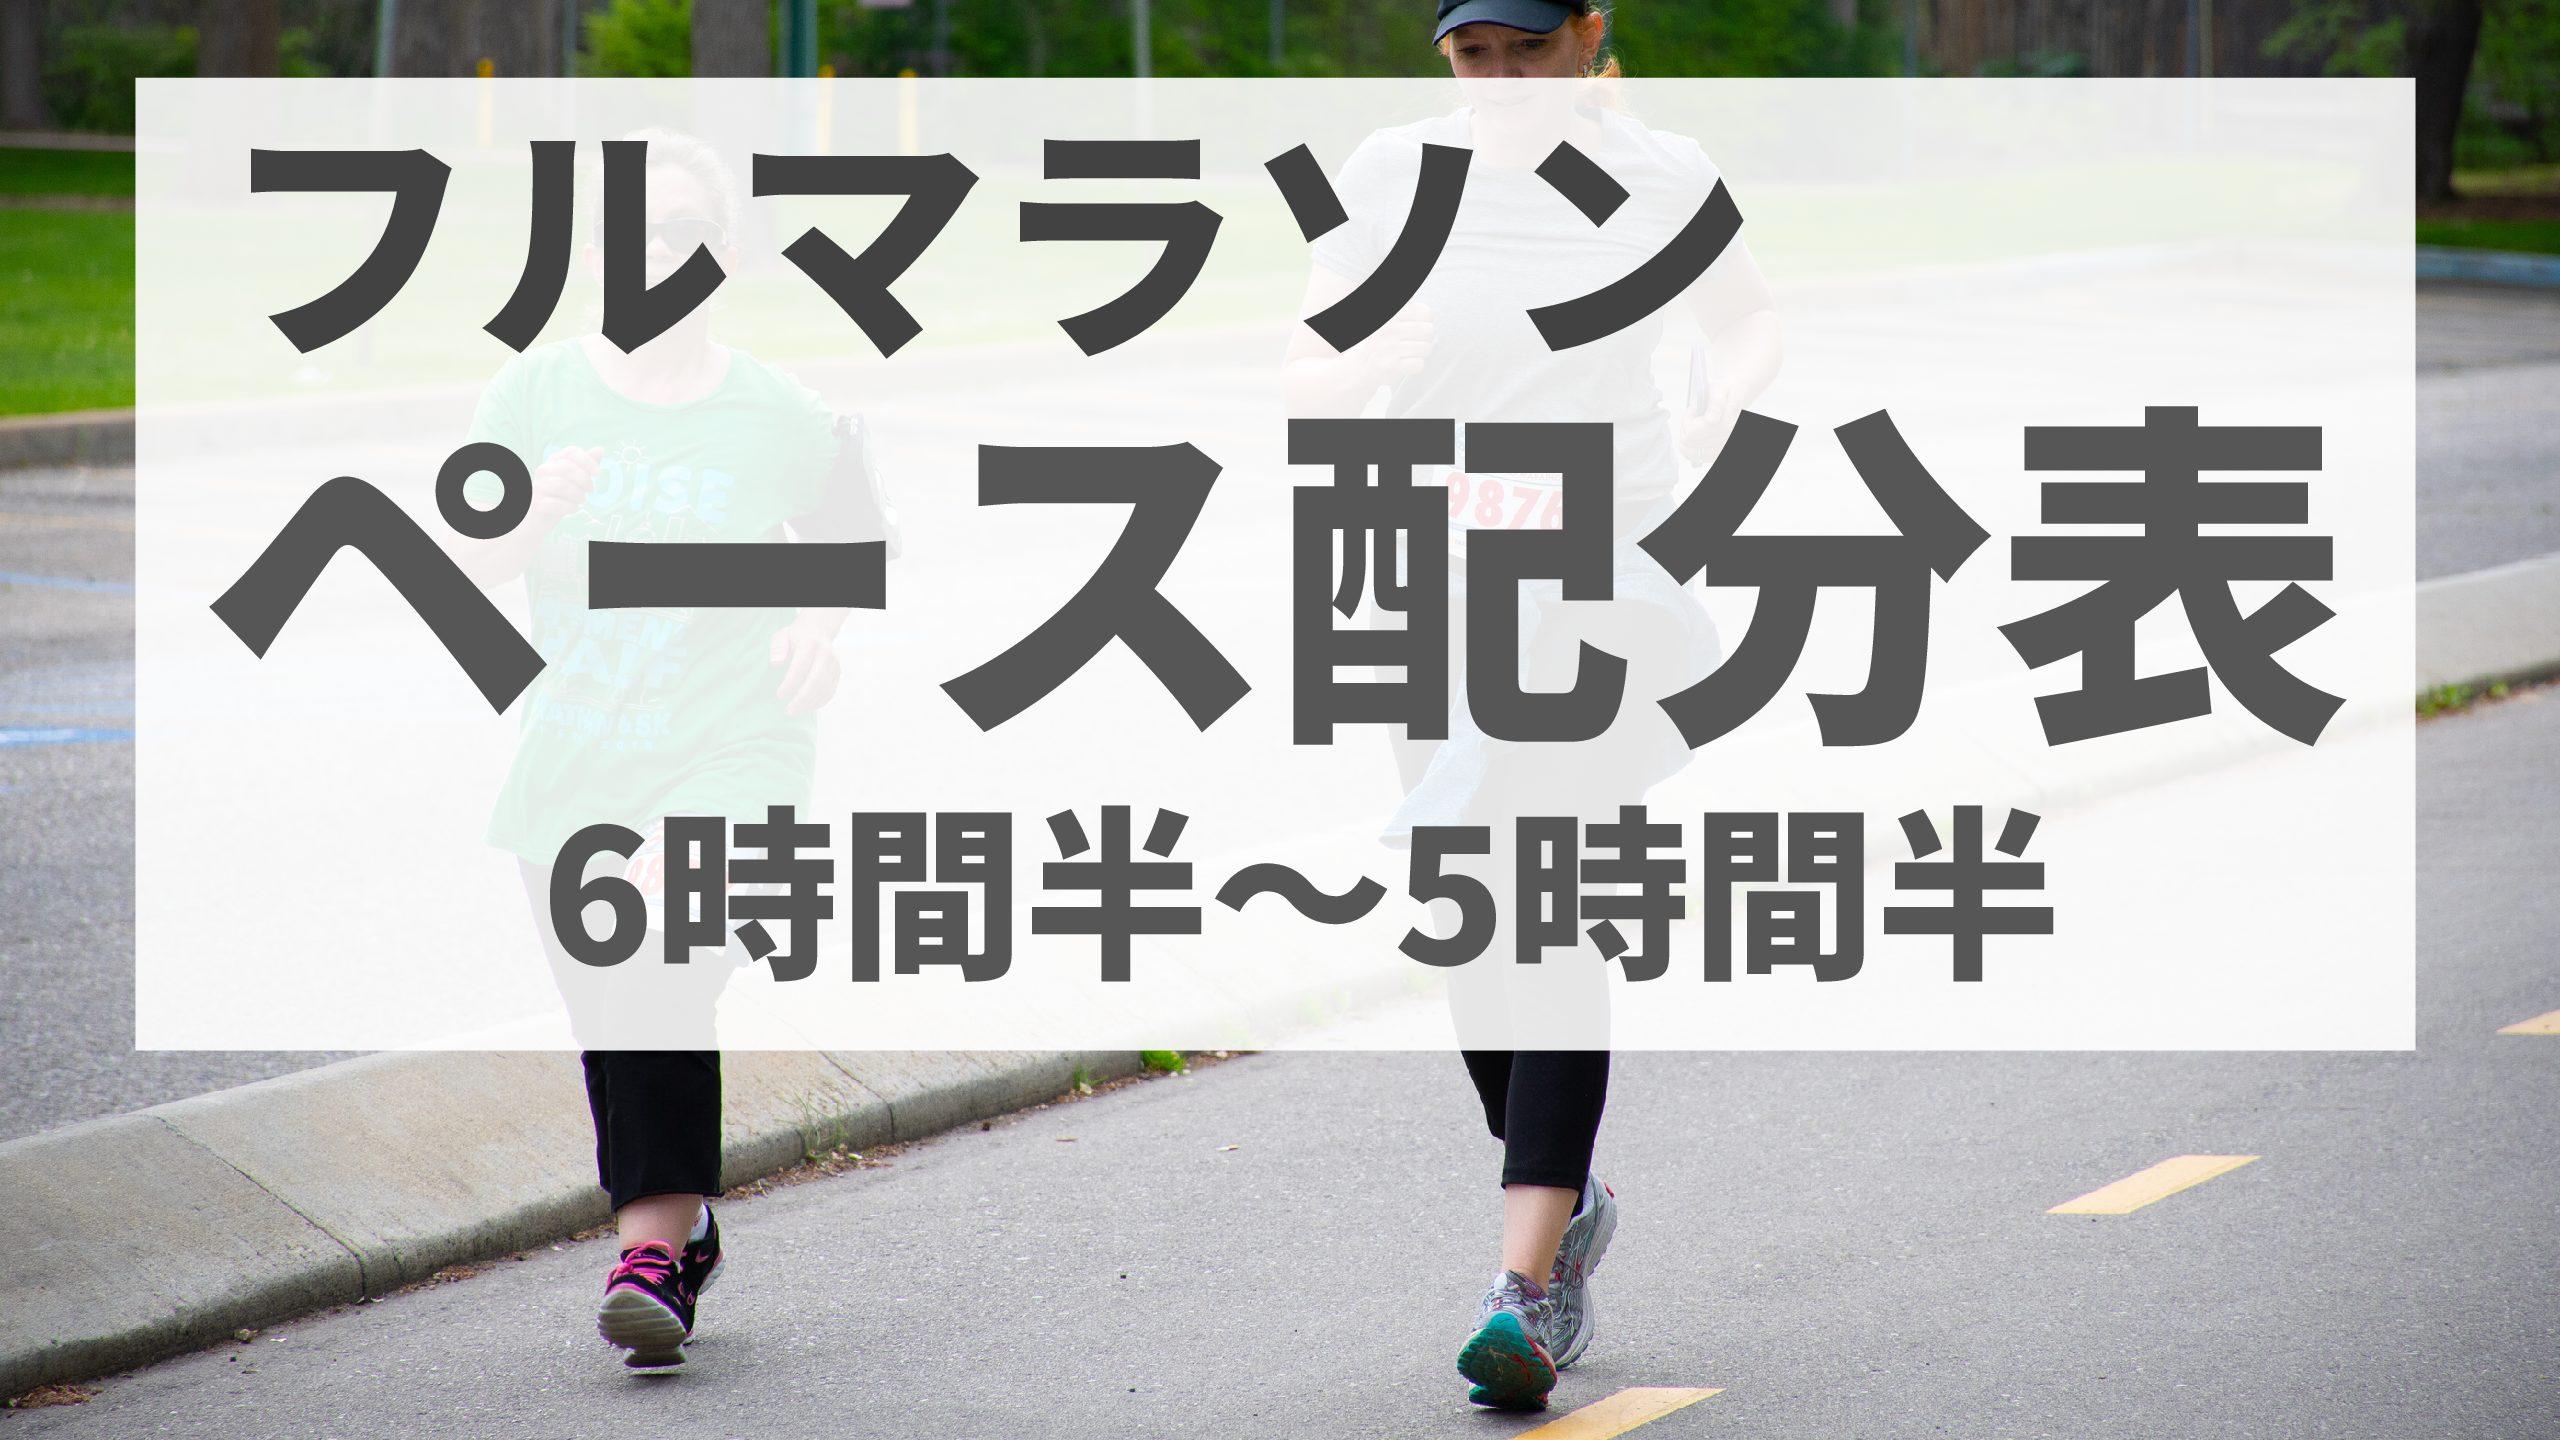 ペース 表 マラソン フル